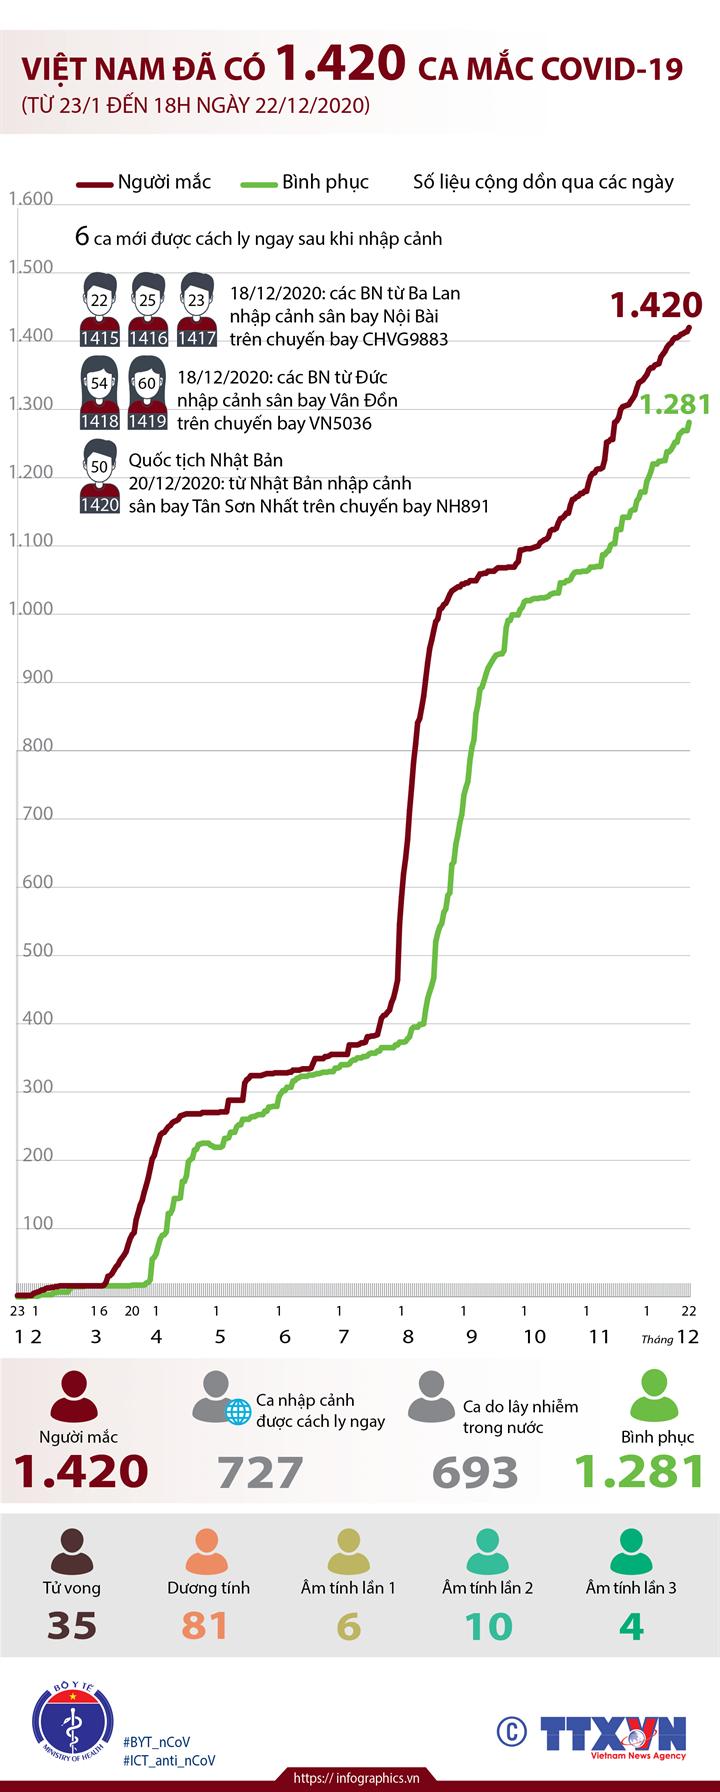 Việt Nam đã có 1.420 ca mắc COVID-19 (từ 23/1 đến 18h ngày 22/12/2020)